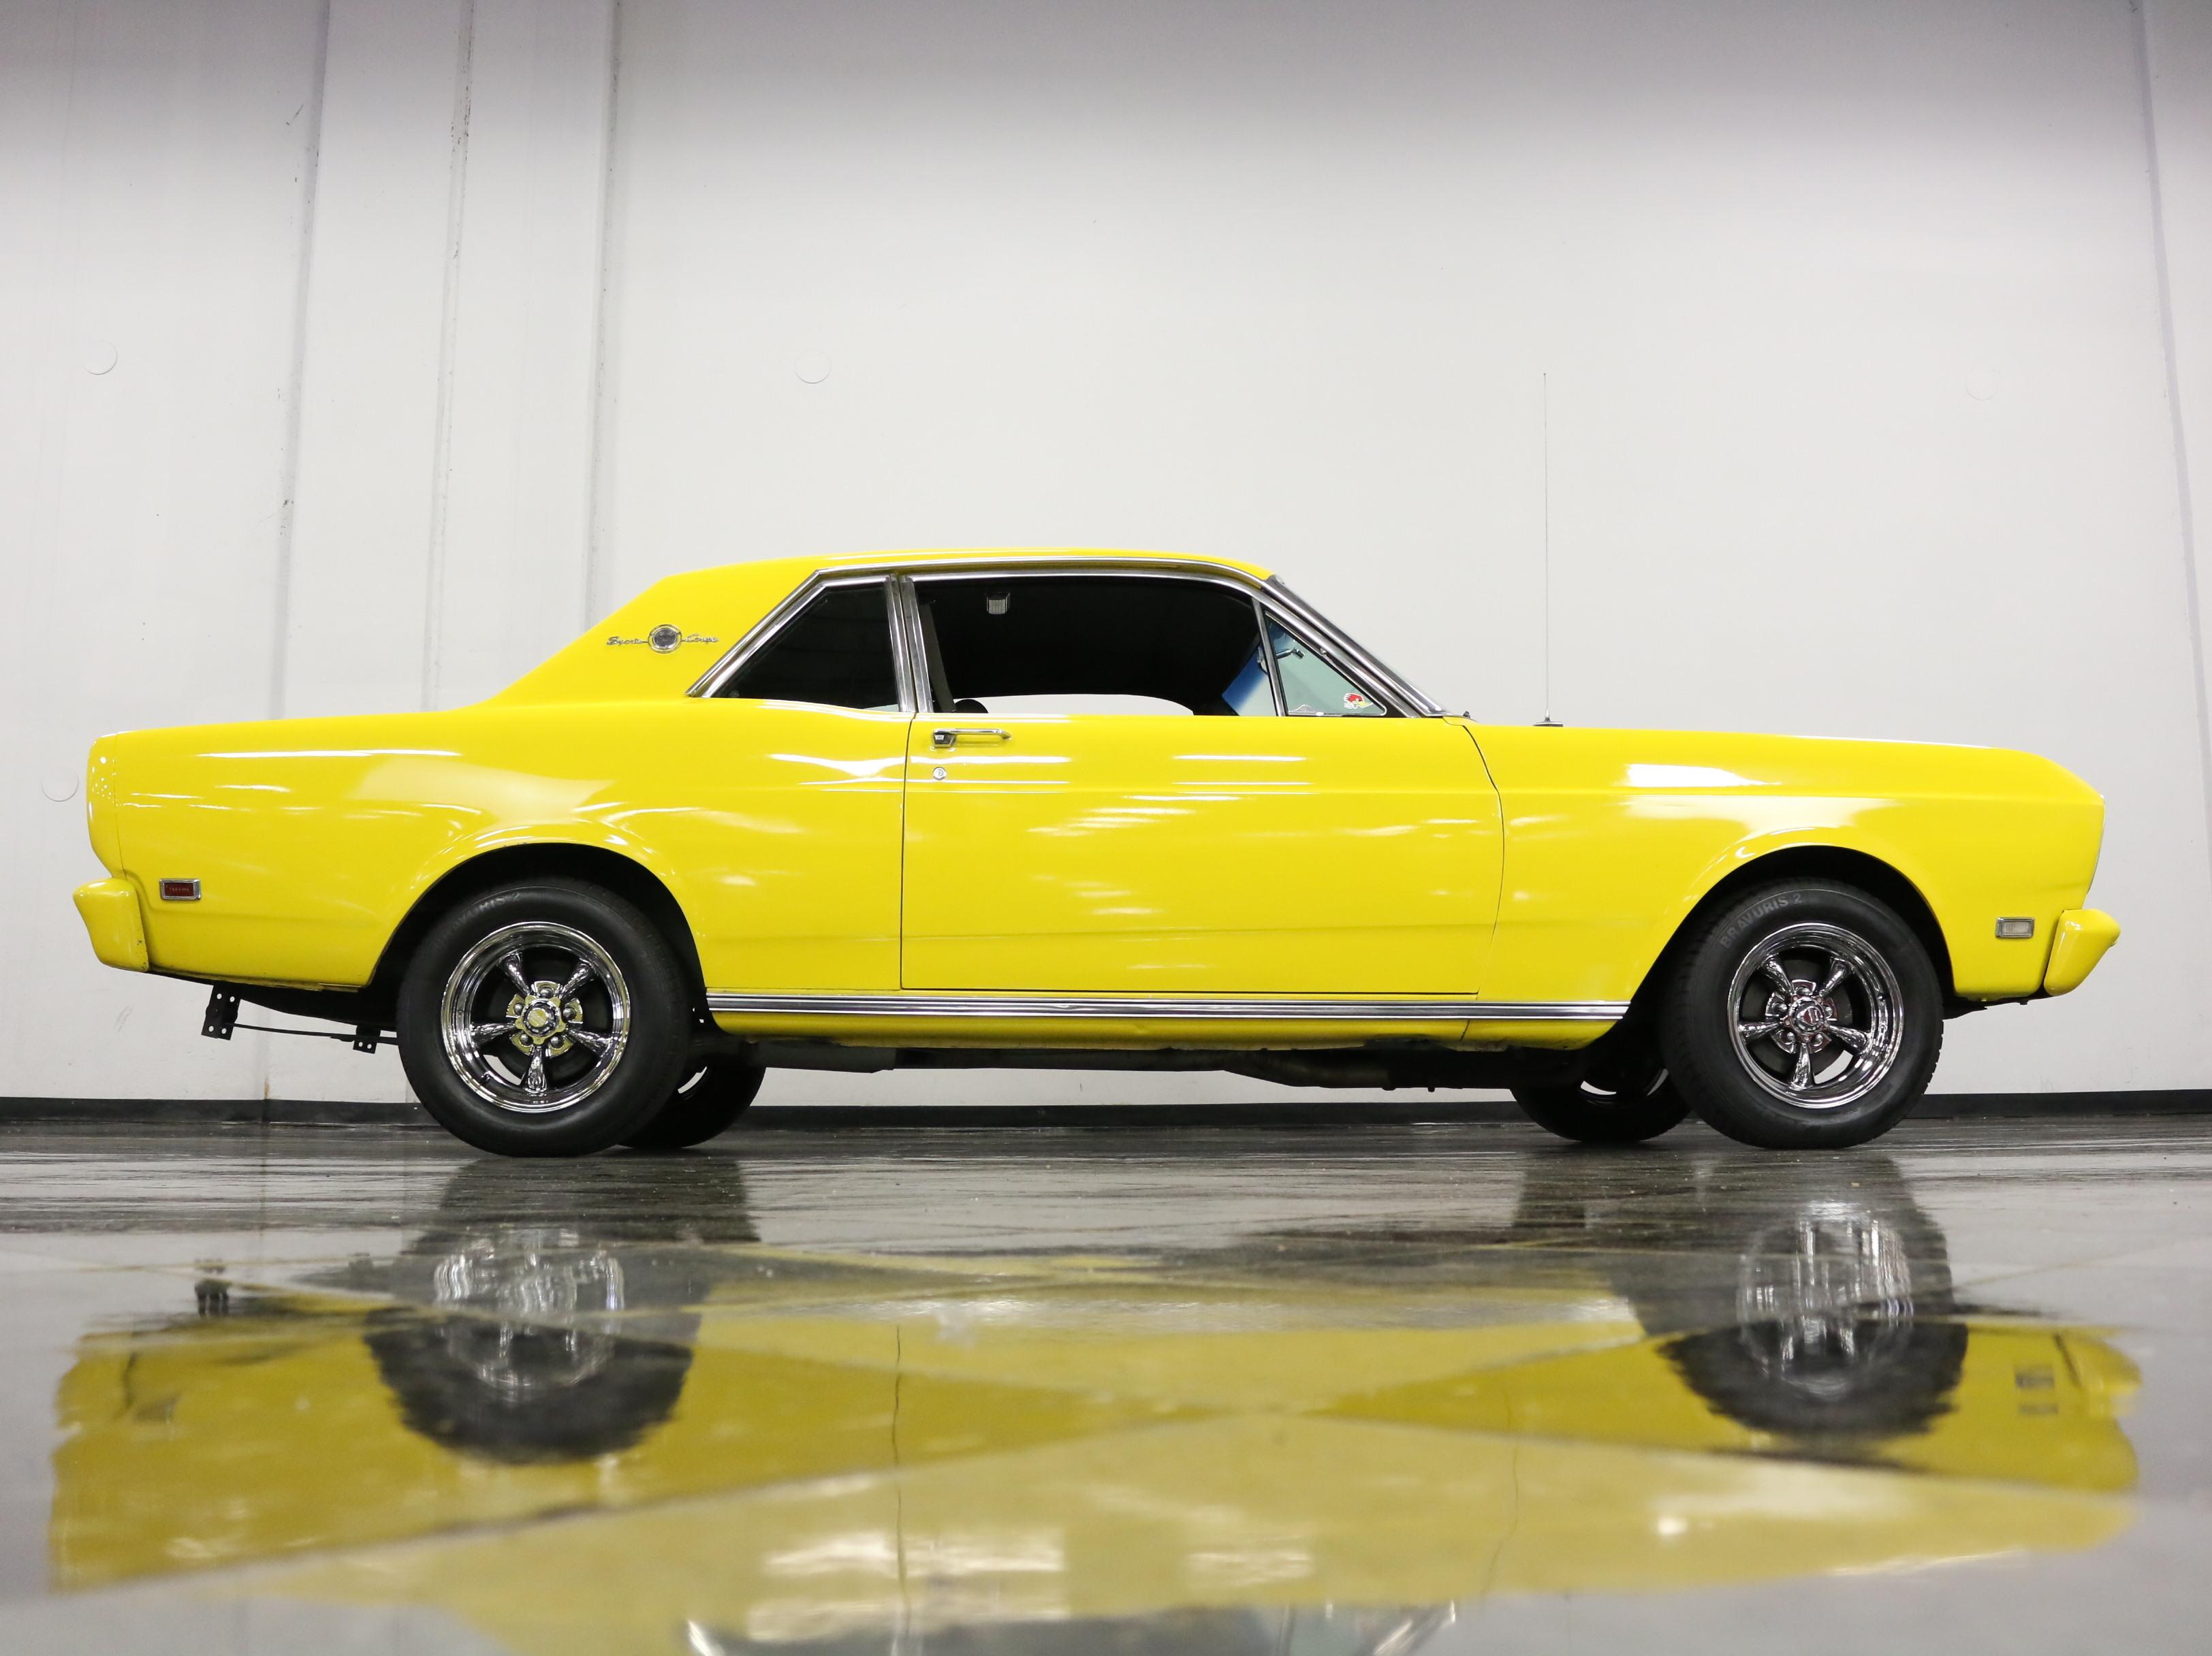 1969 Ford Falcon Futura | eBay